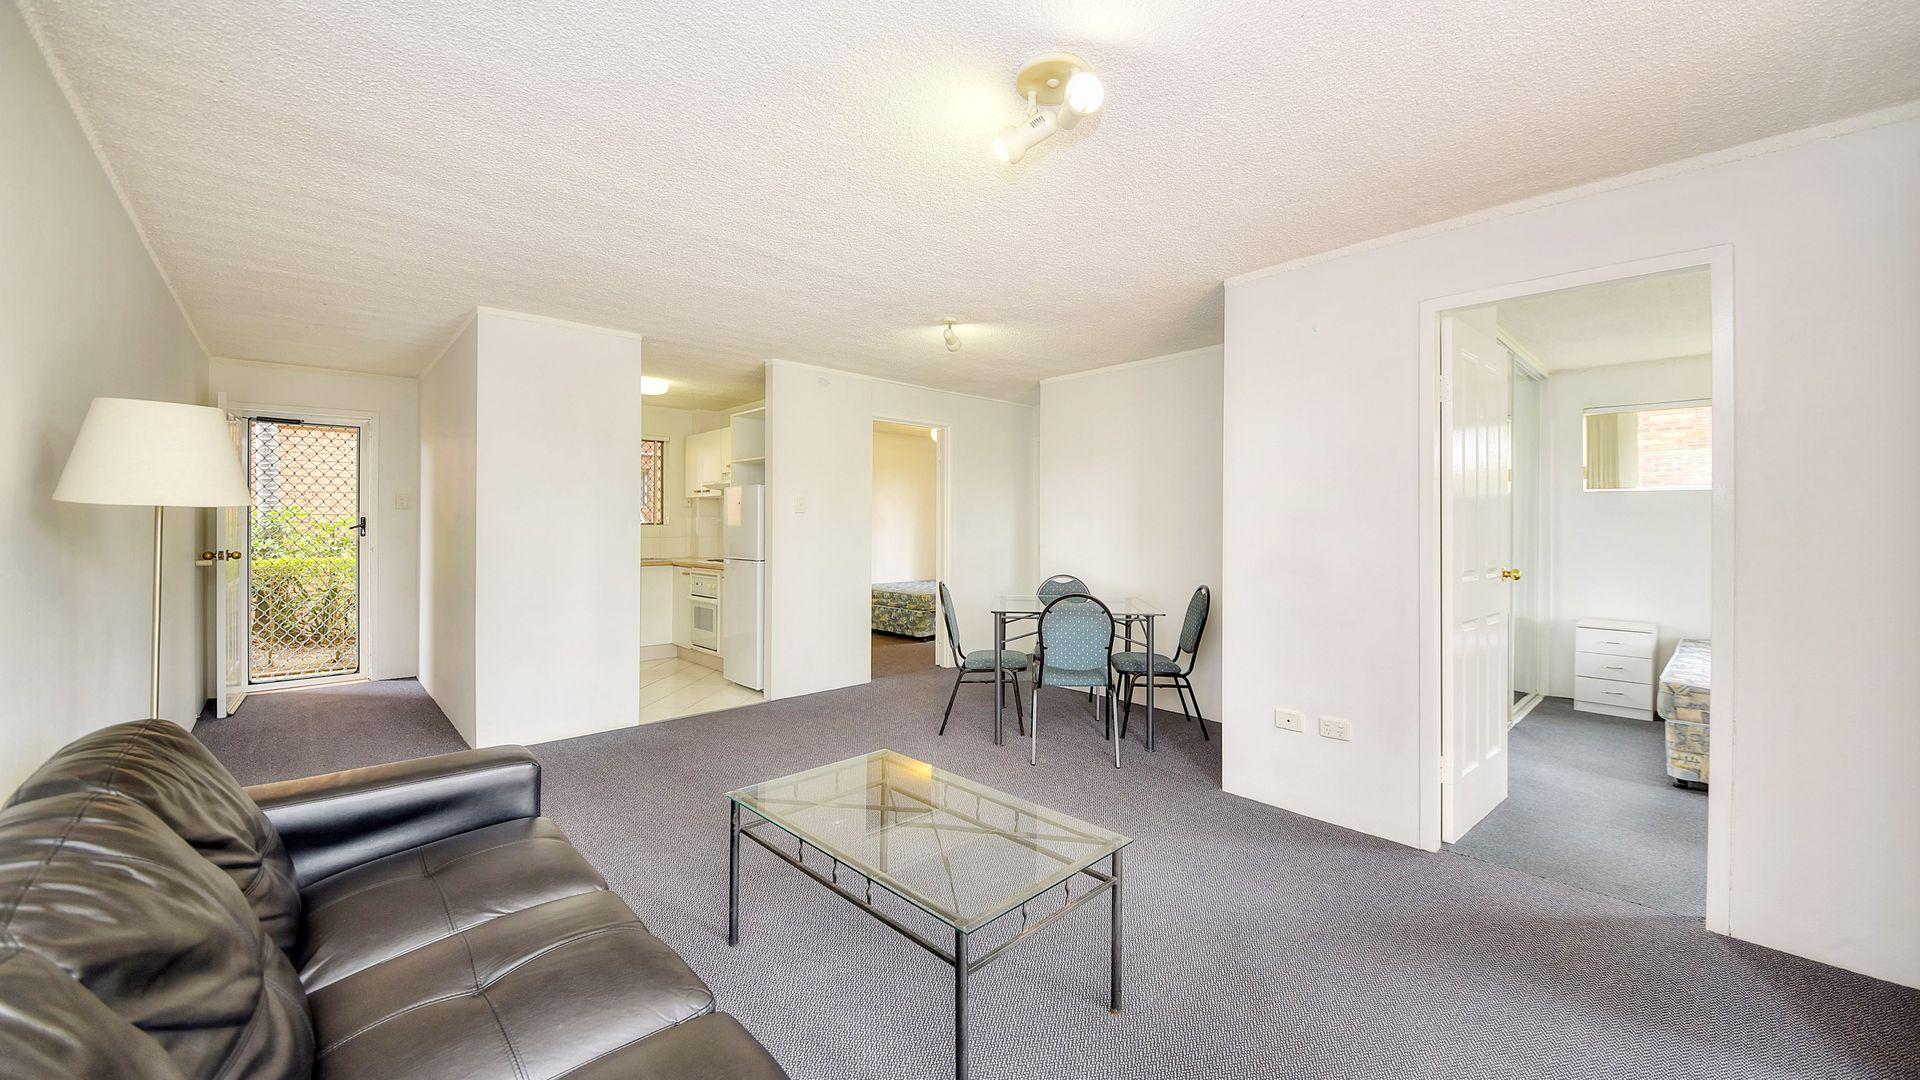 2/45 Karbunya Street, Mermaid Waters QLD 4218, Image 1